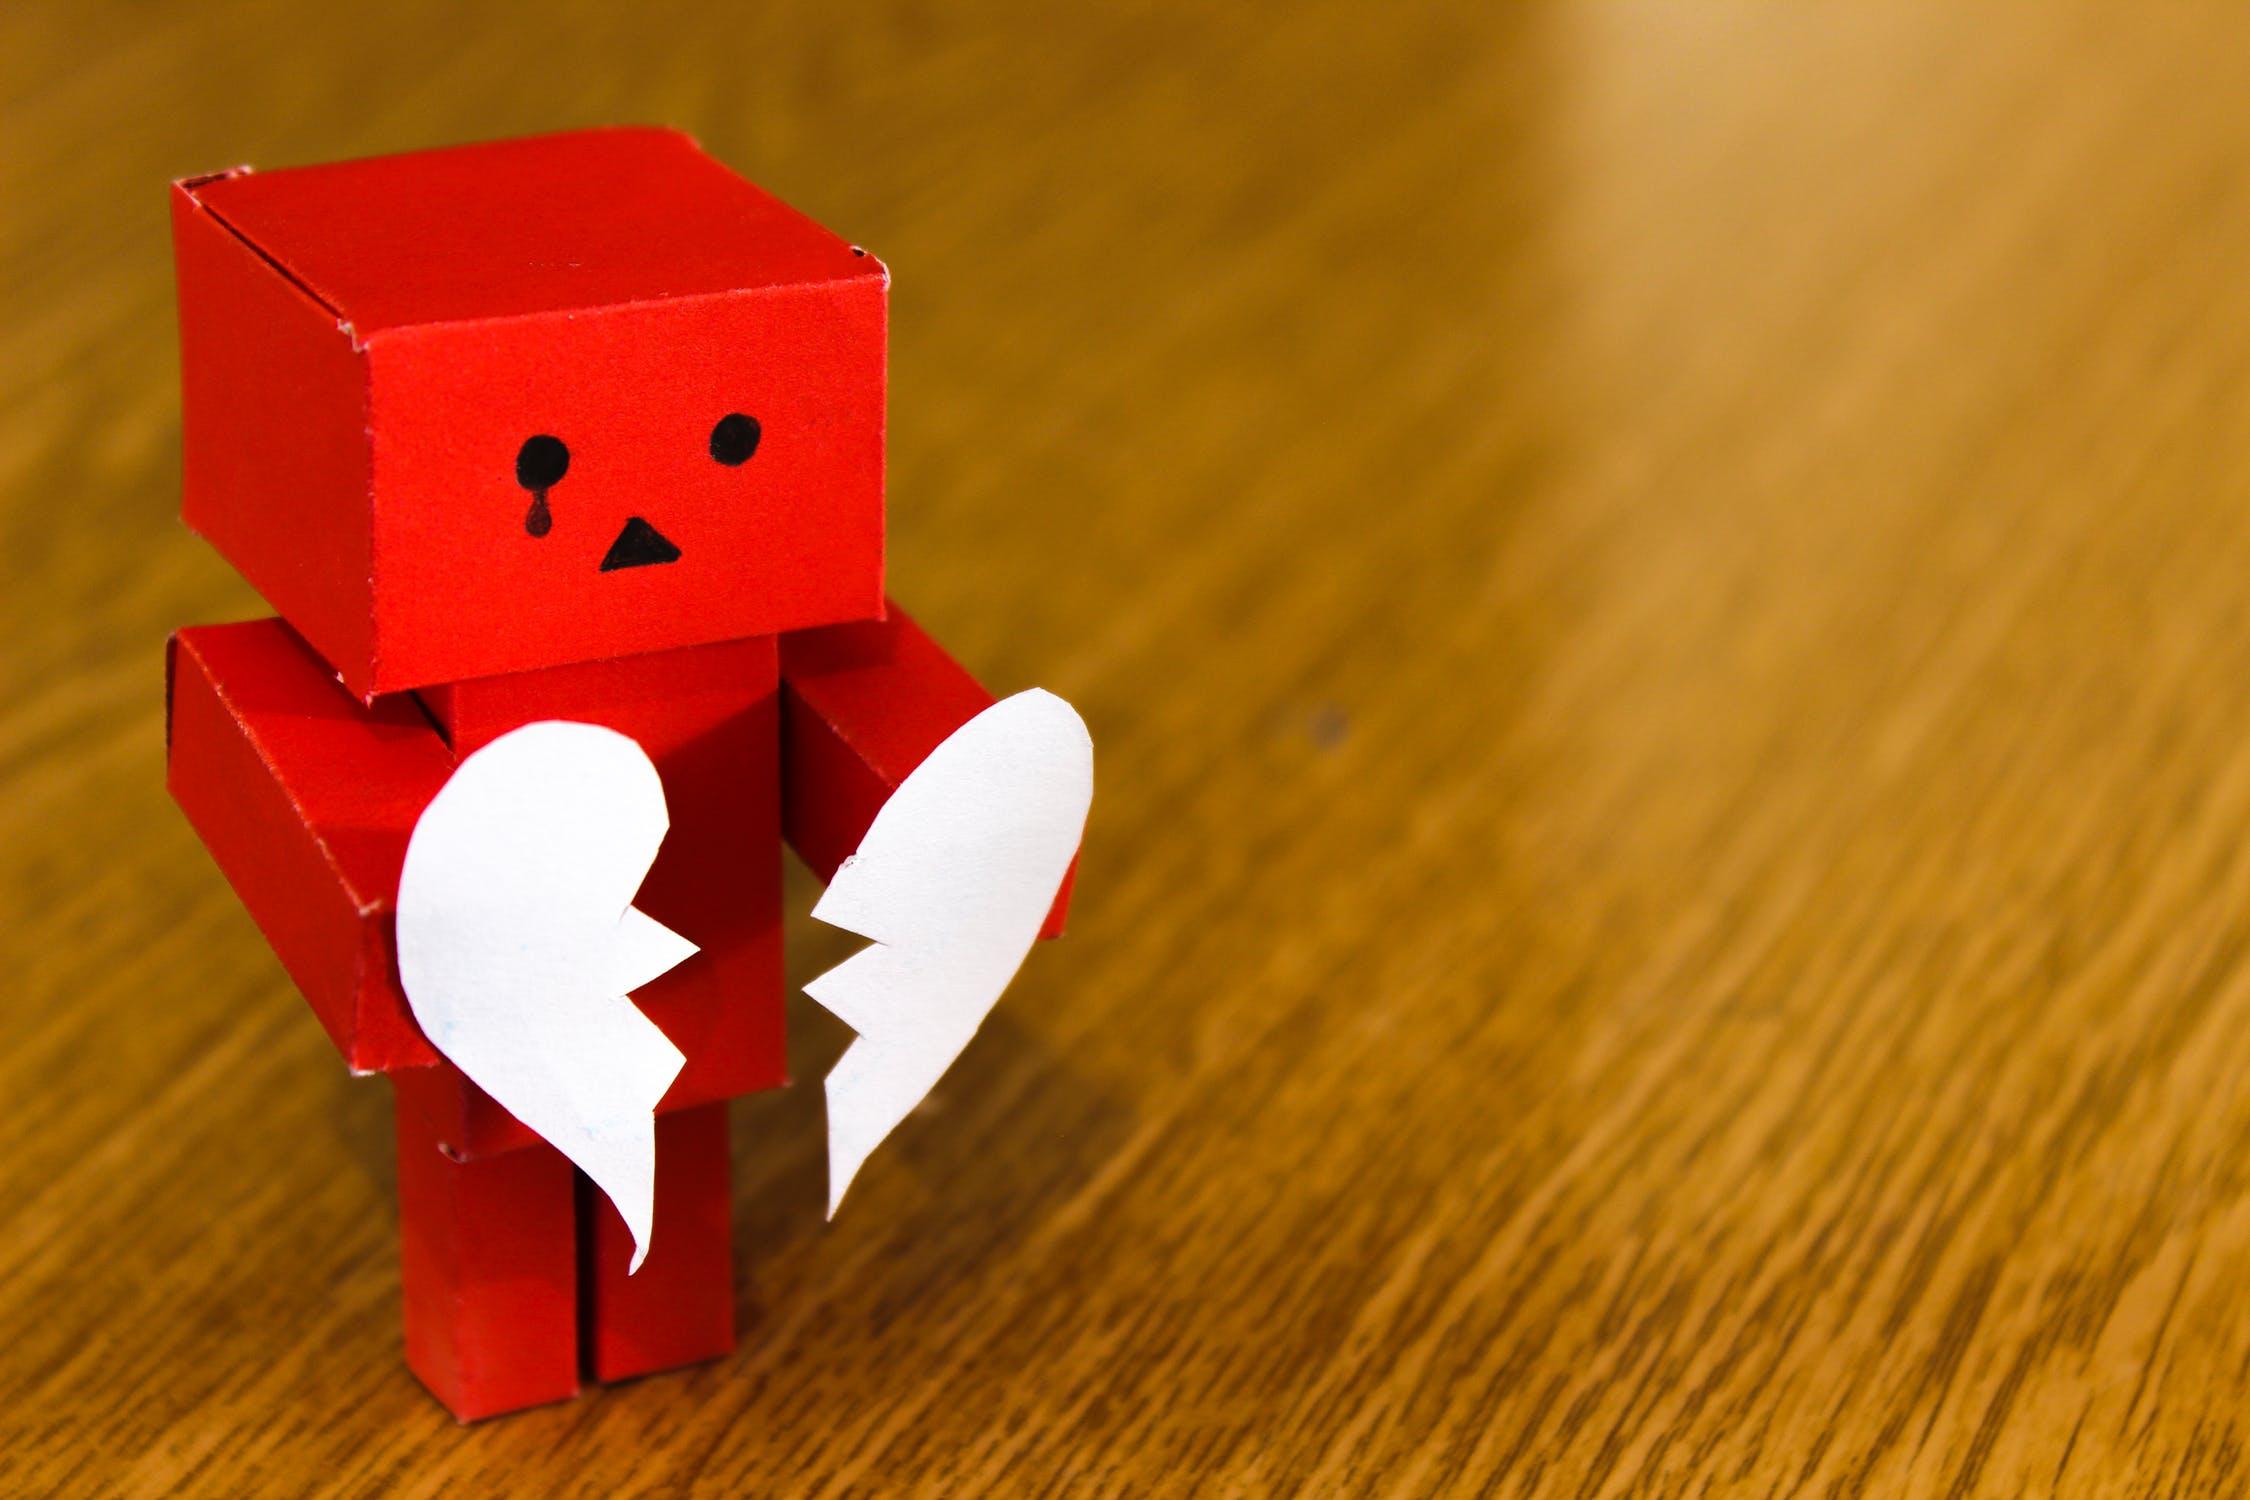 Διαζύγιο σε μεσήλικες και πιο ηλικιωμένους: Αιτίες και συνέπειες.